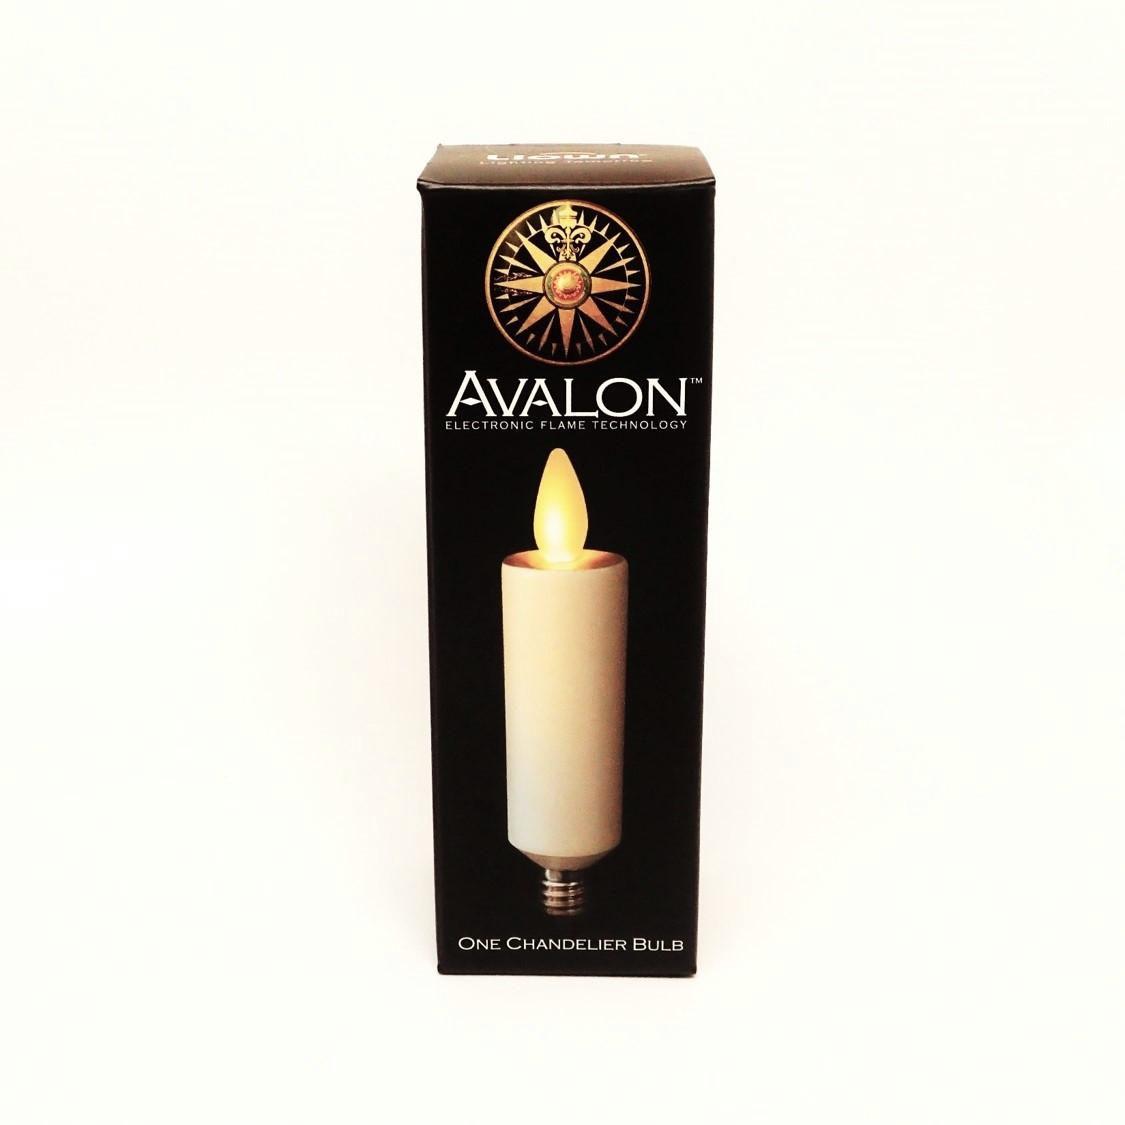 Avalon moving flame flameless led candle chandelier bulb e12 avalon moving flame flameless led candle chandelier bulb e12 base ivory 10 x 41 aloadofball Choice Image